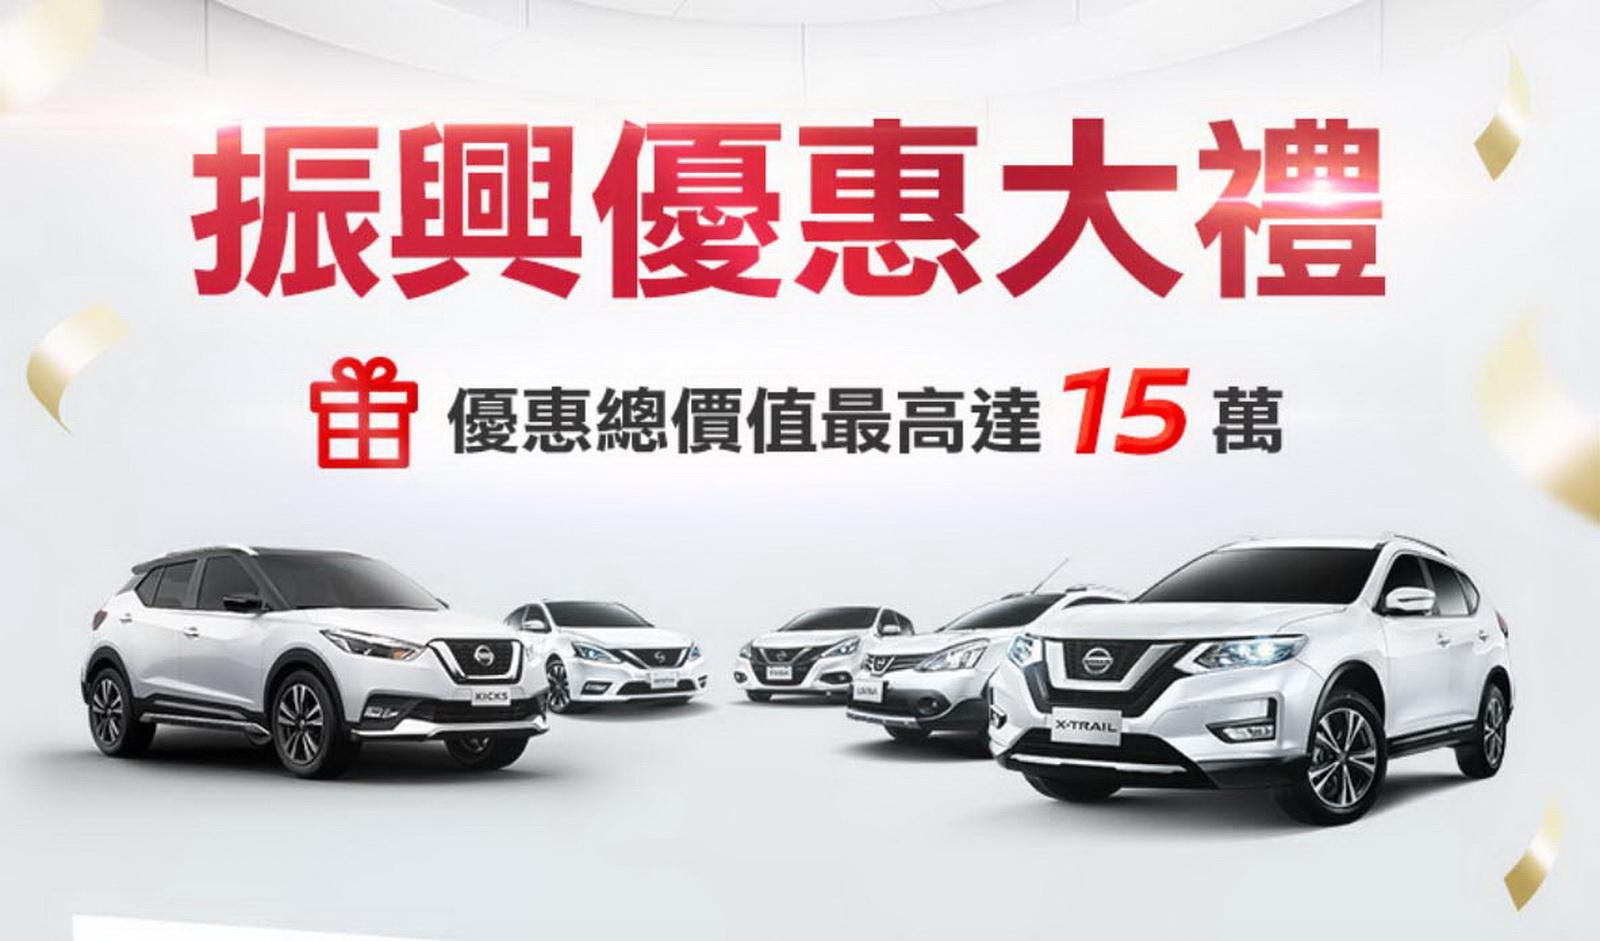 圖/Nissan振興優惠大禮優惠總價值最高達15萬。